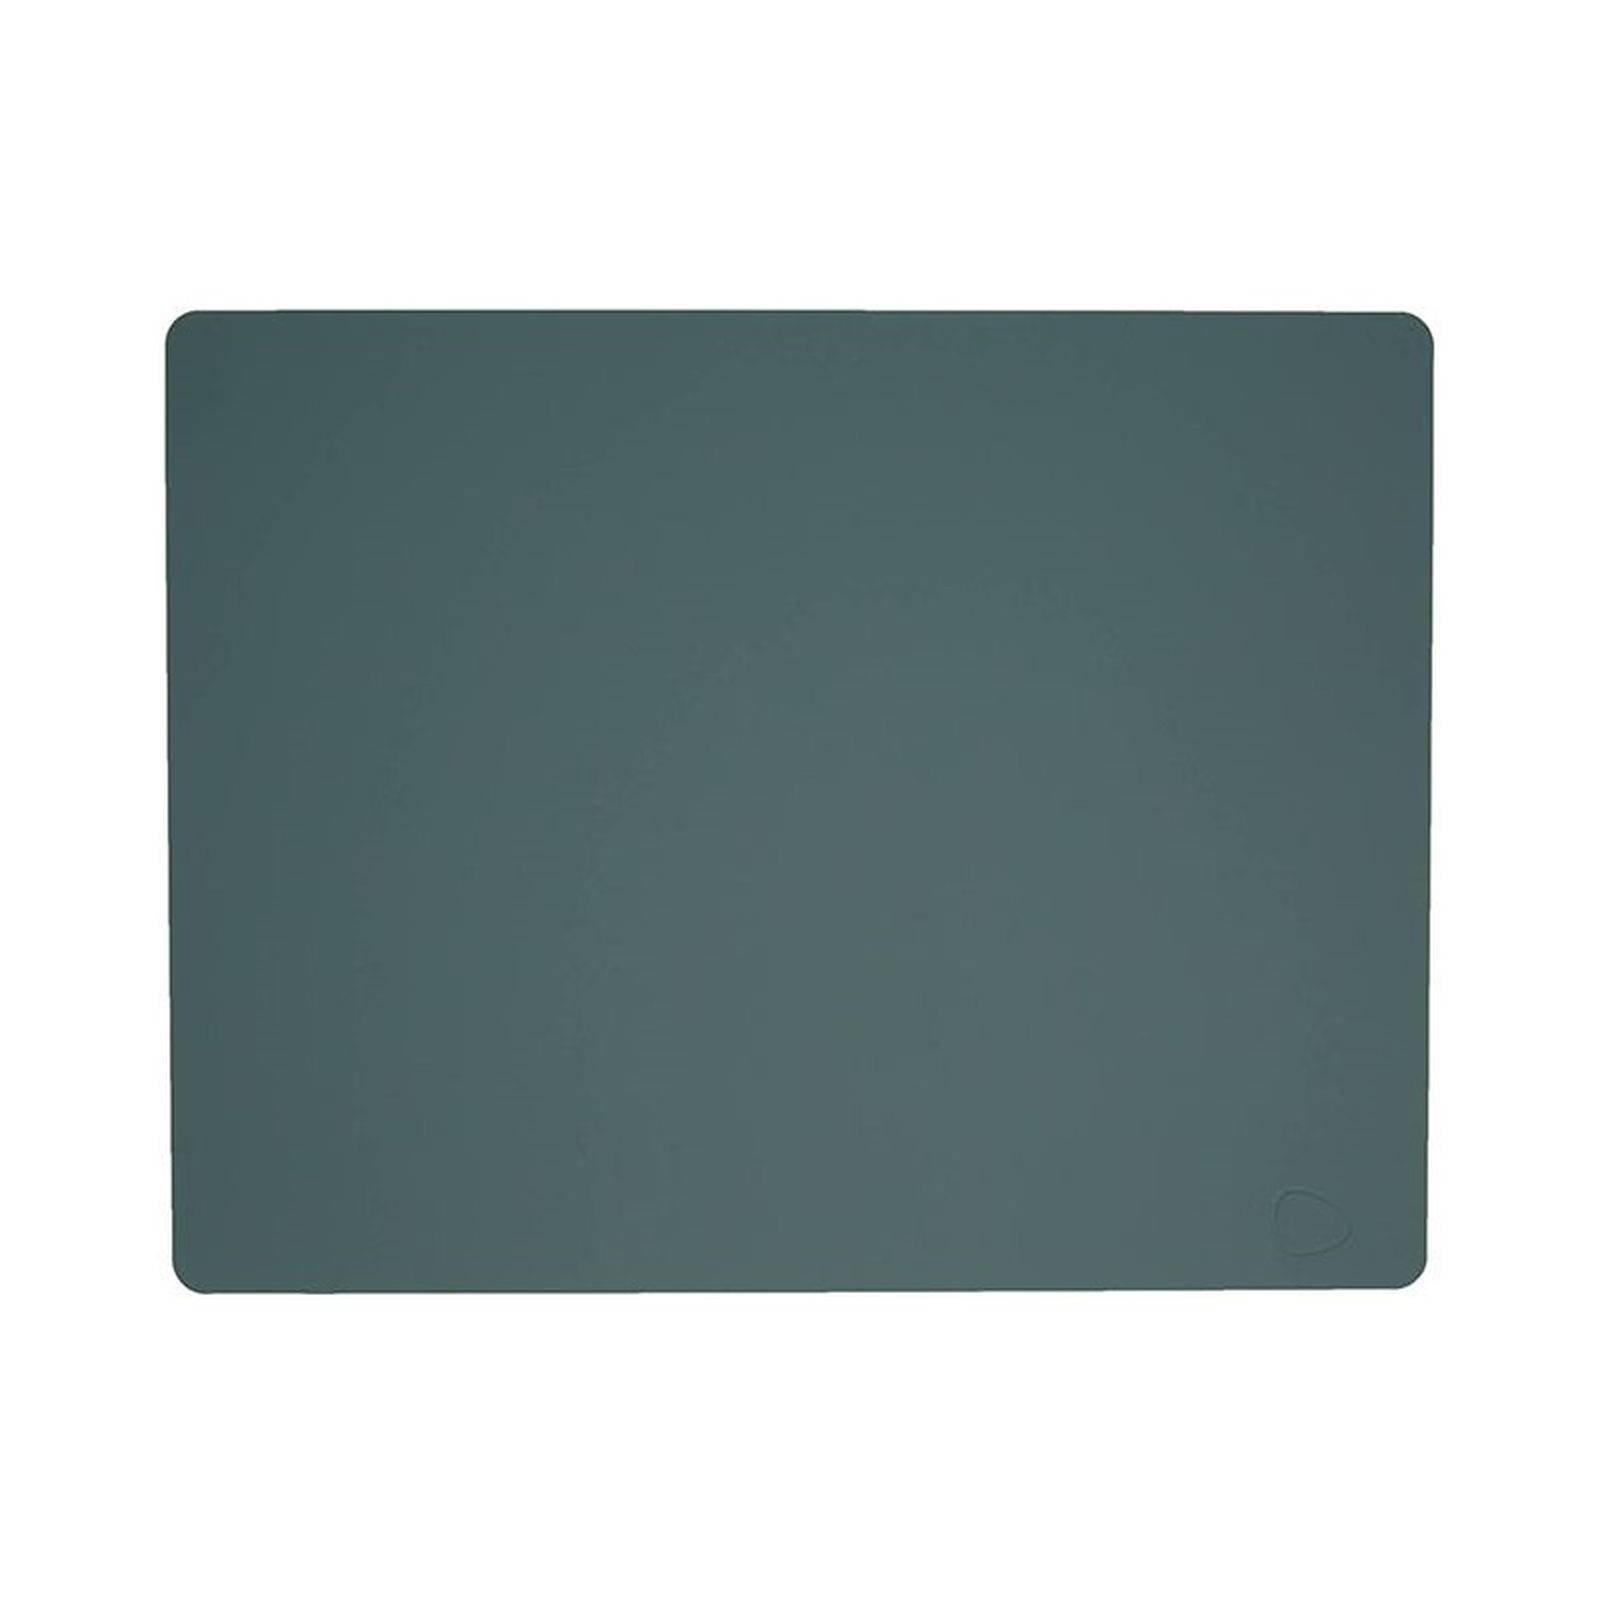 Merkloos Lind Dna Placemat Leer Softbuck Groen 35 X 45 Cm online kopen